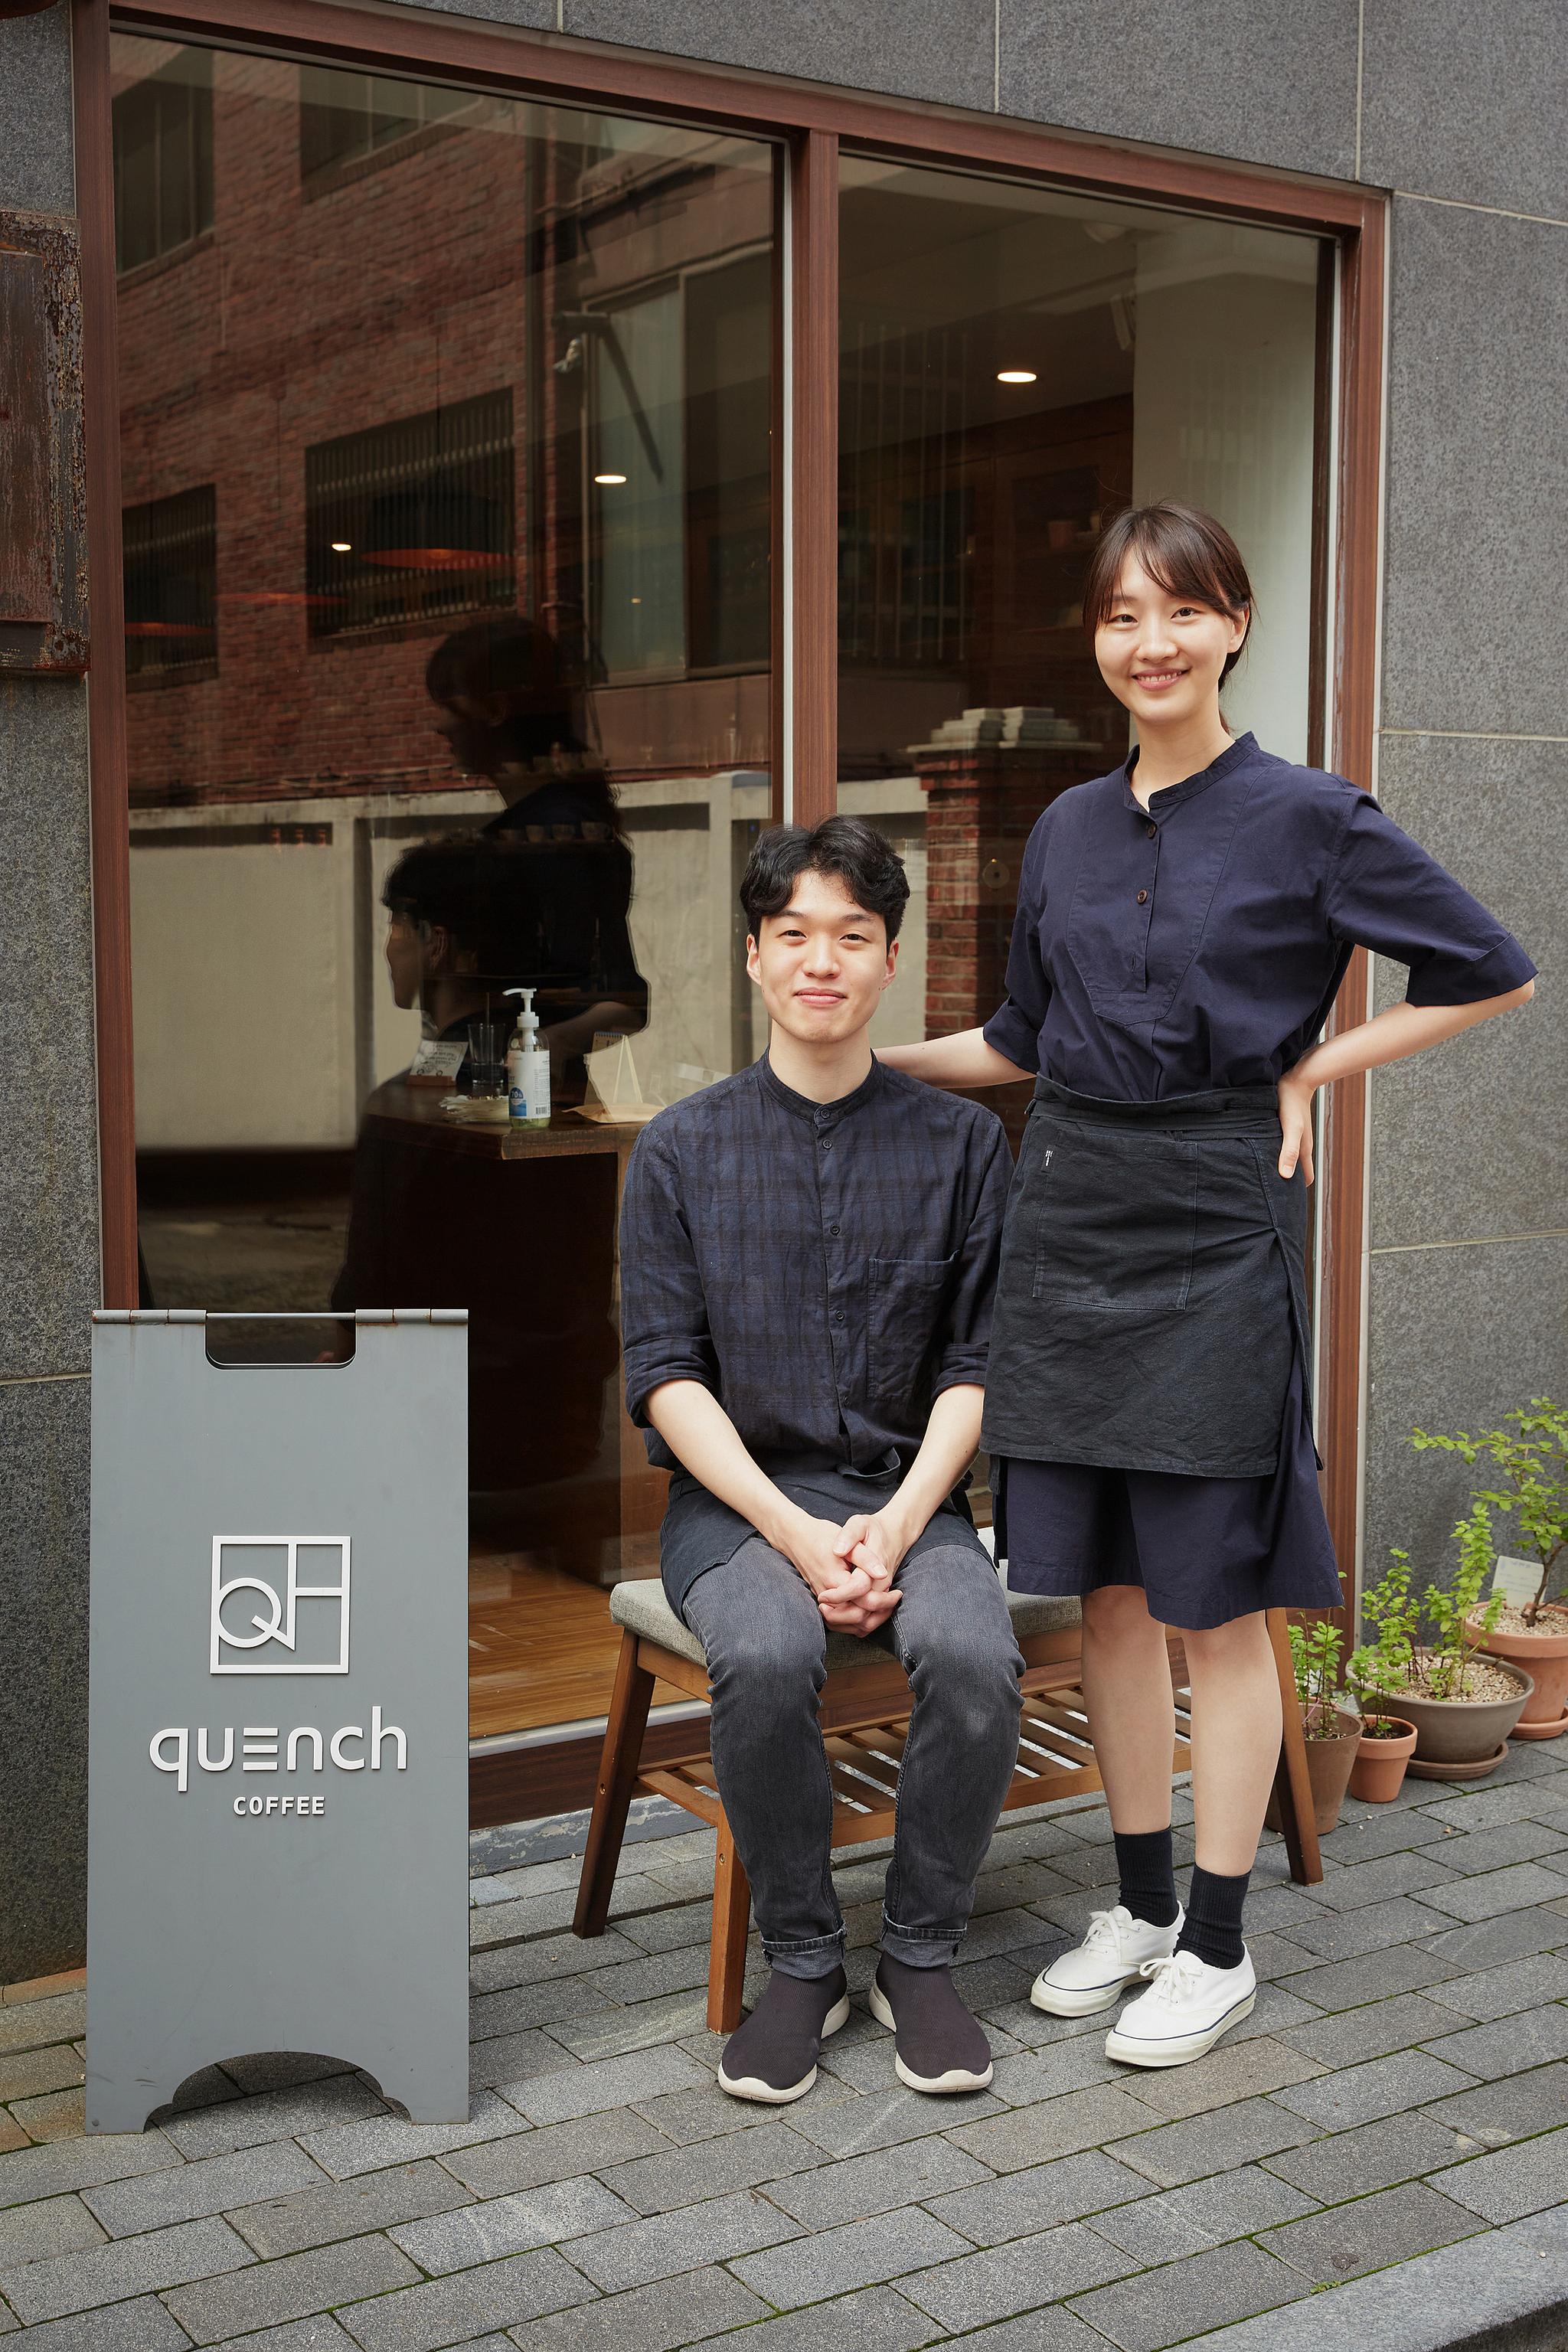 퀜치 커피(왼쪽이 이누림 대표, 오른쪽이 김연우 로스터)